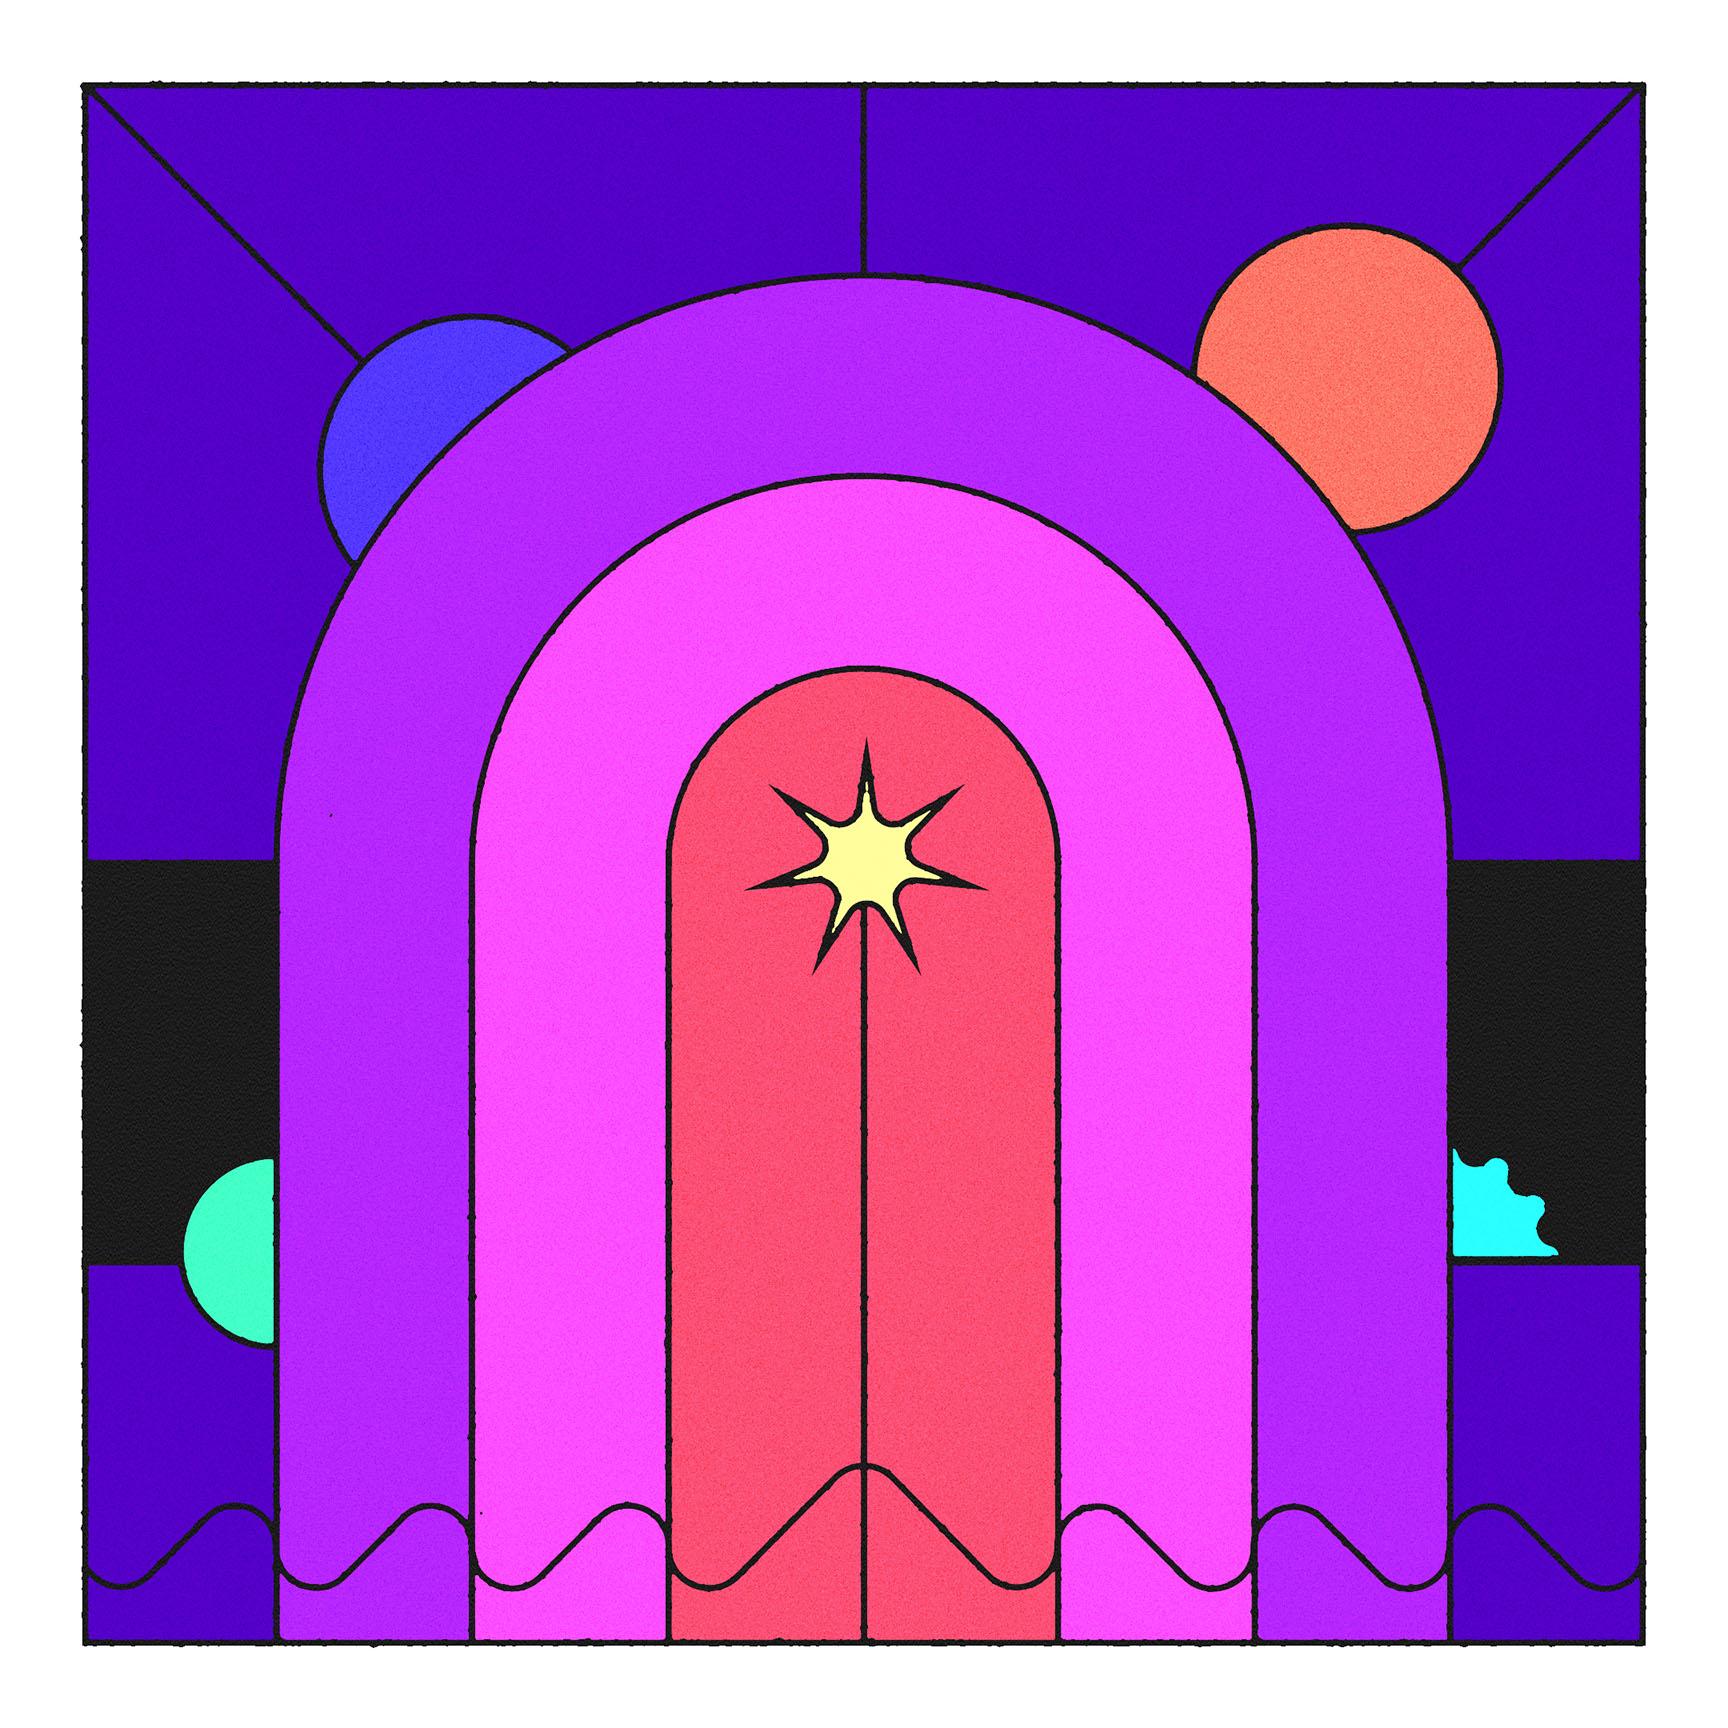 pseudoscapes_3_portal-1